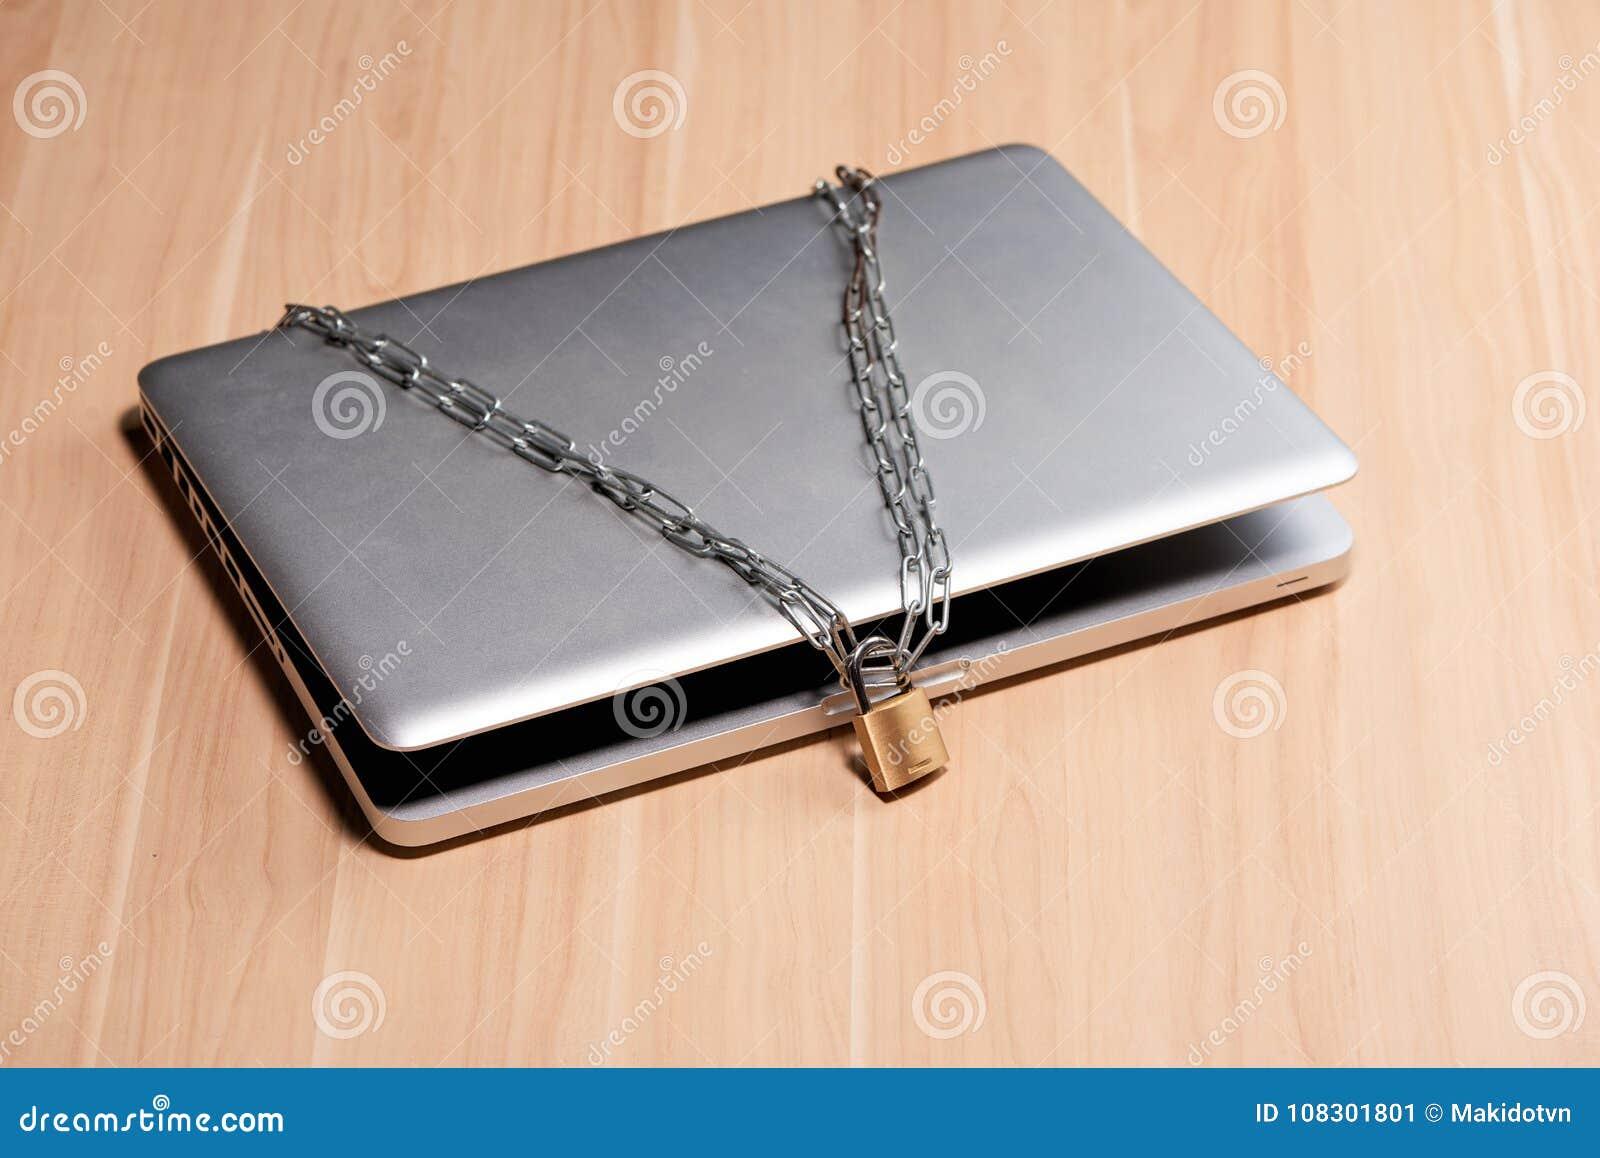 Ciężki łańcuch z kłódką wokoło laptopu na stole